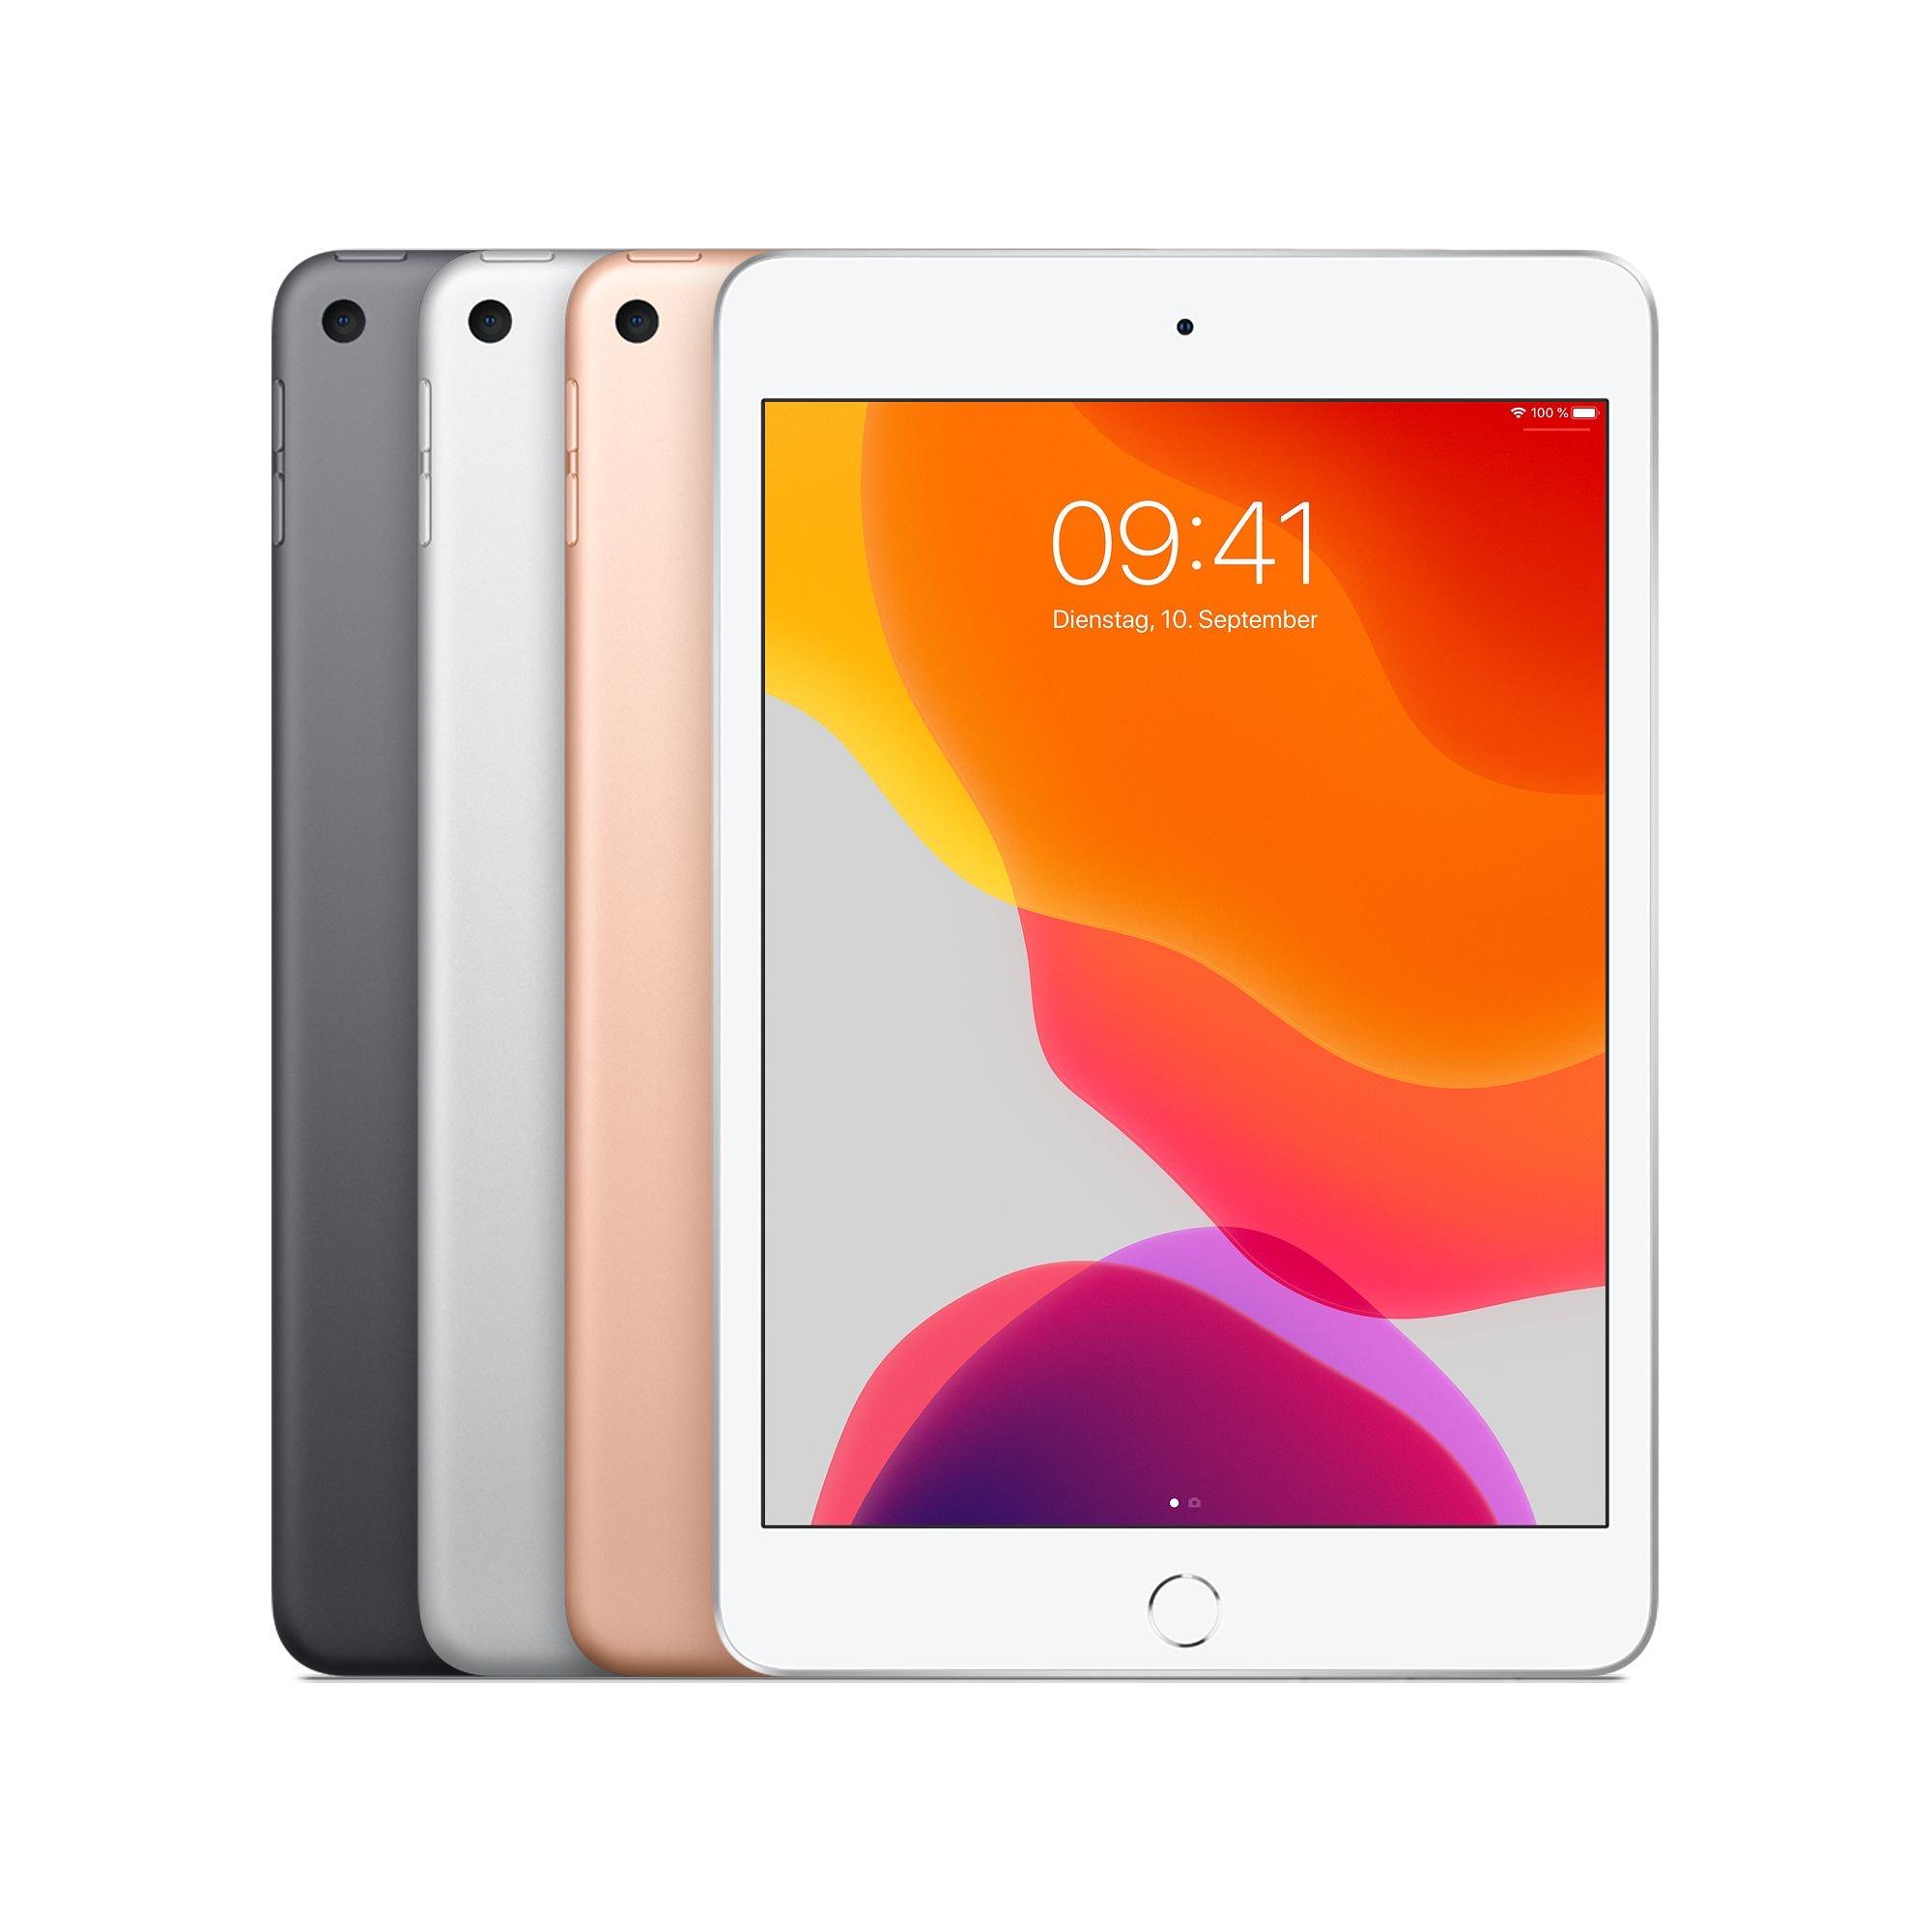 iPad Mini (2019) 64GB Wifi Silber für 381,60 €